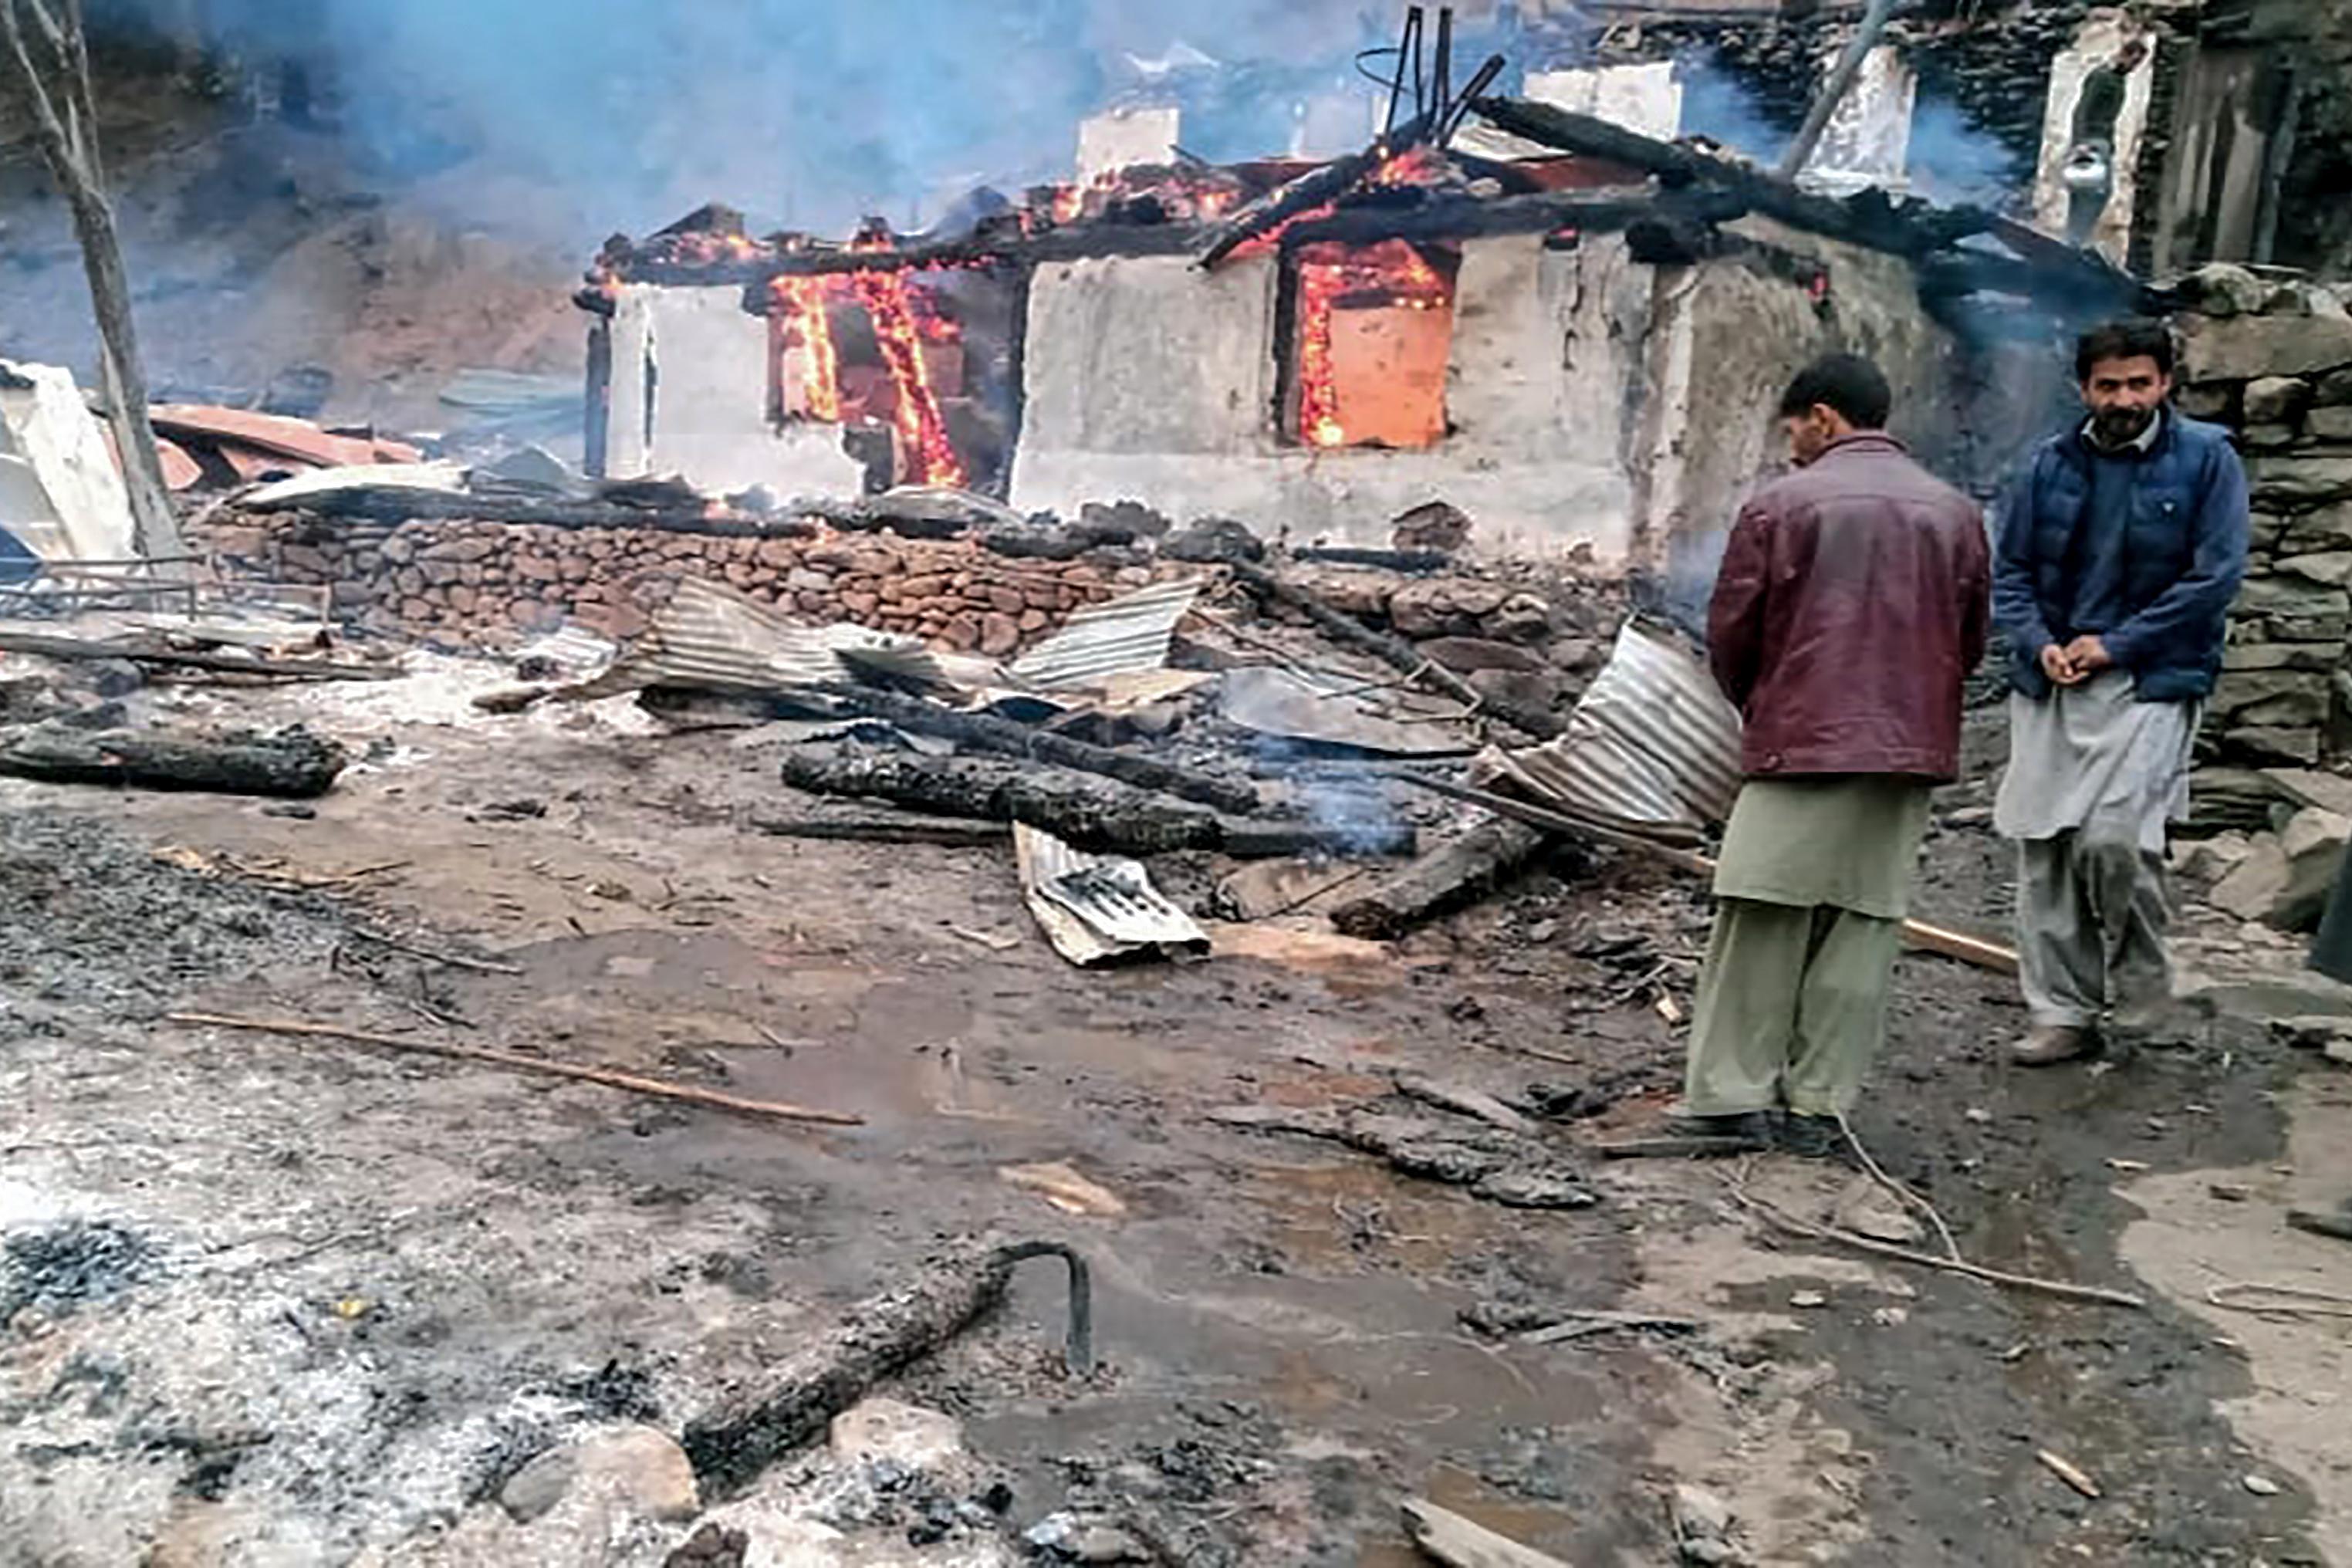 Több civil is meghalt az indiai és a pakisztáni határőrök közötti tűzpárbajban